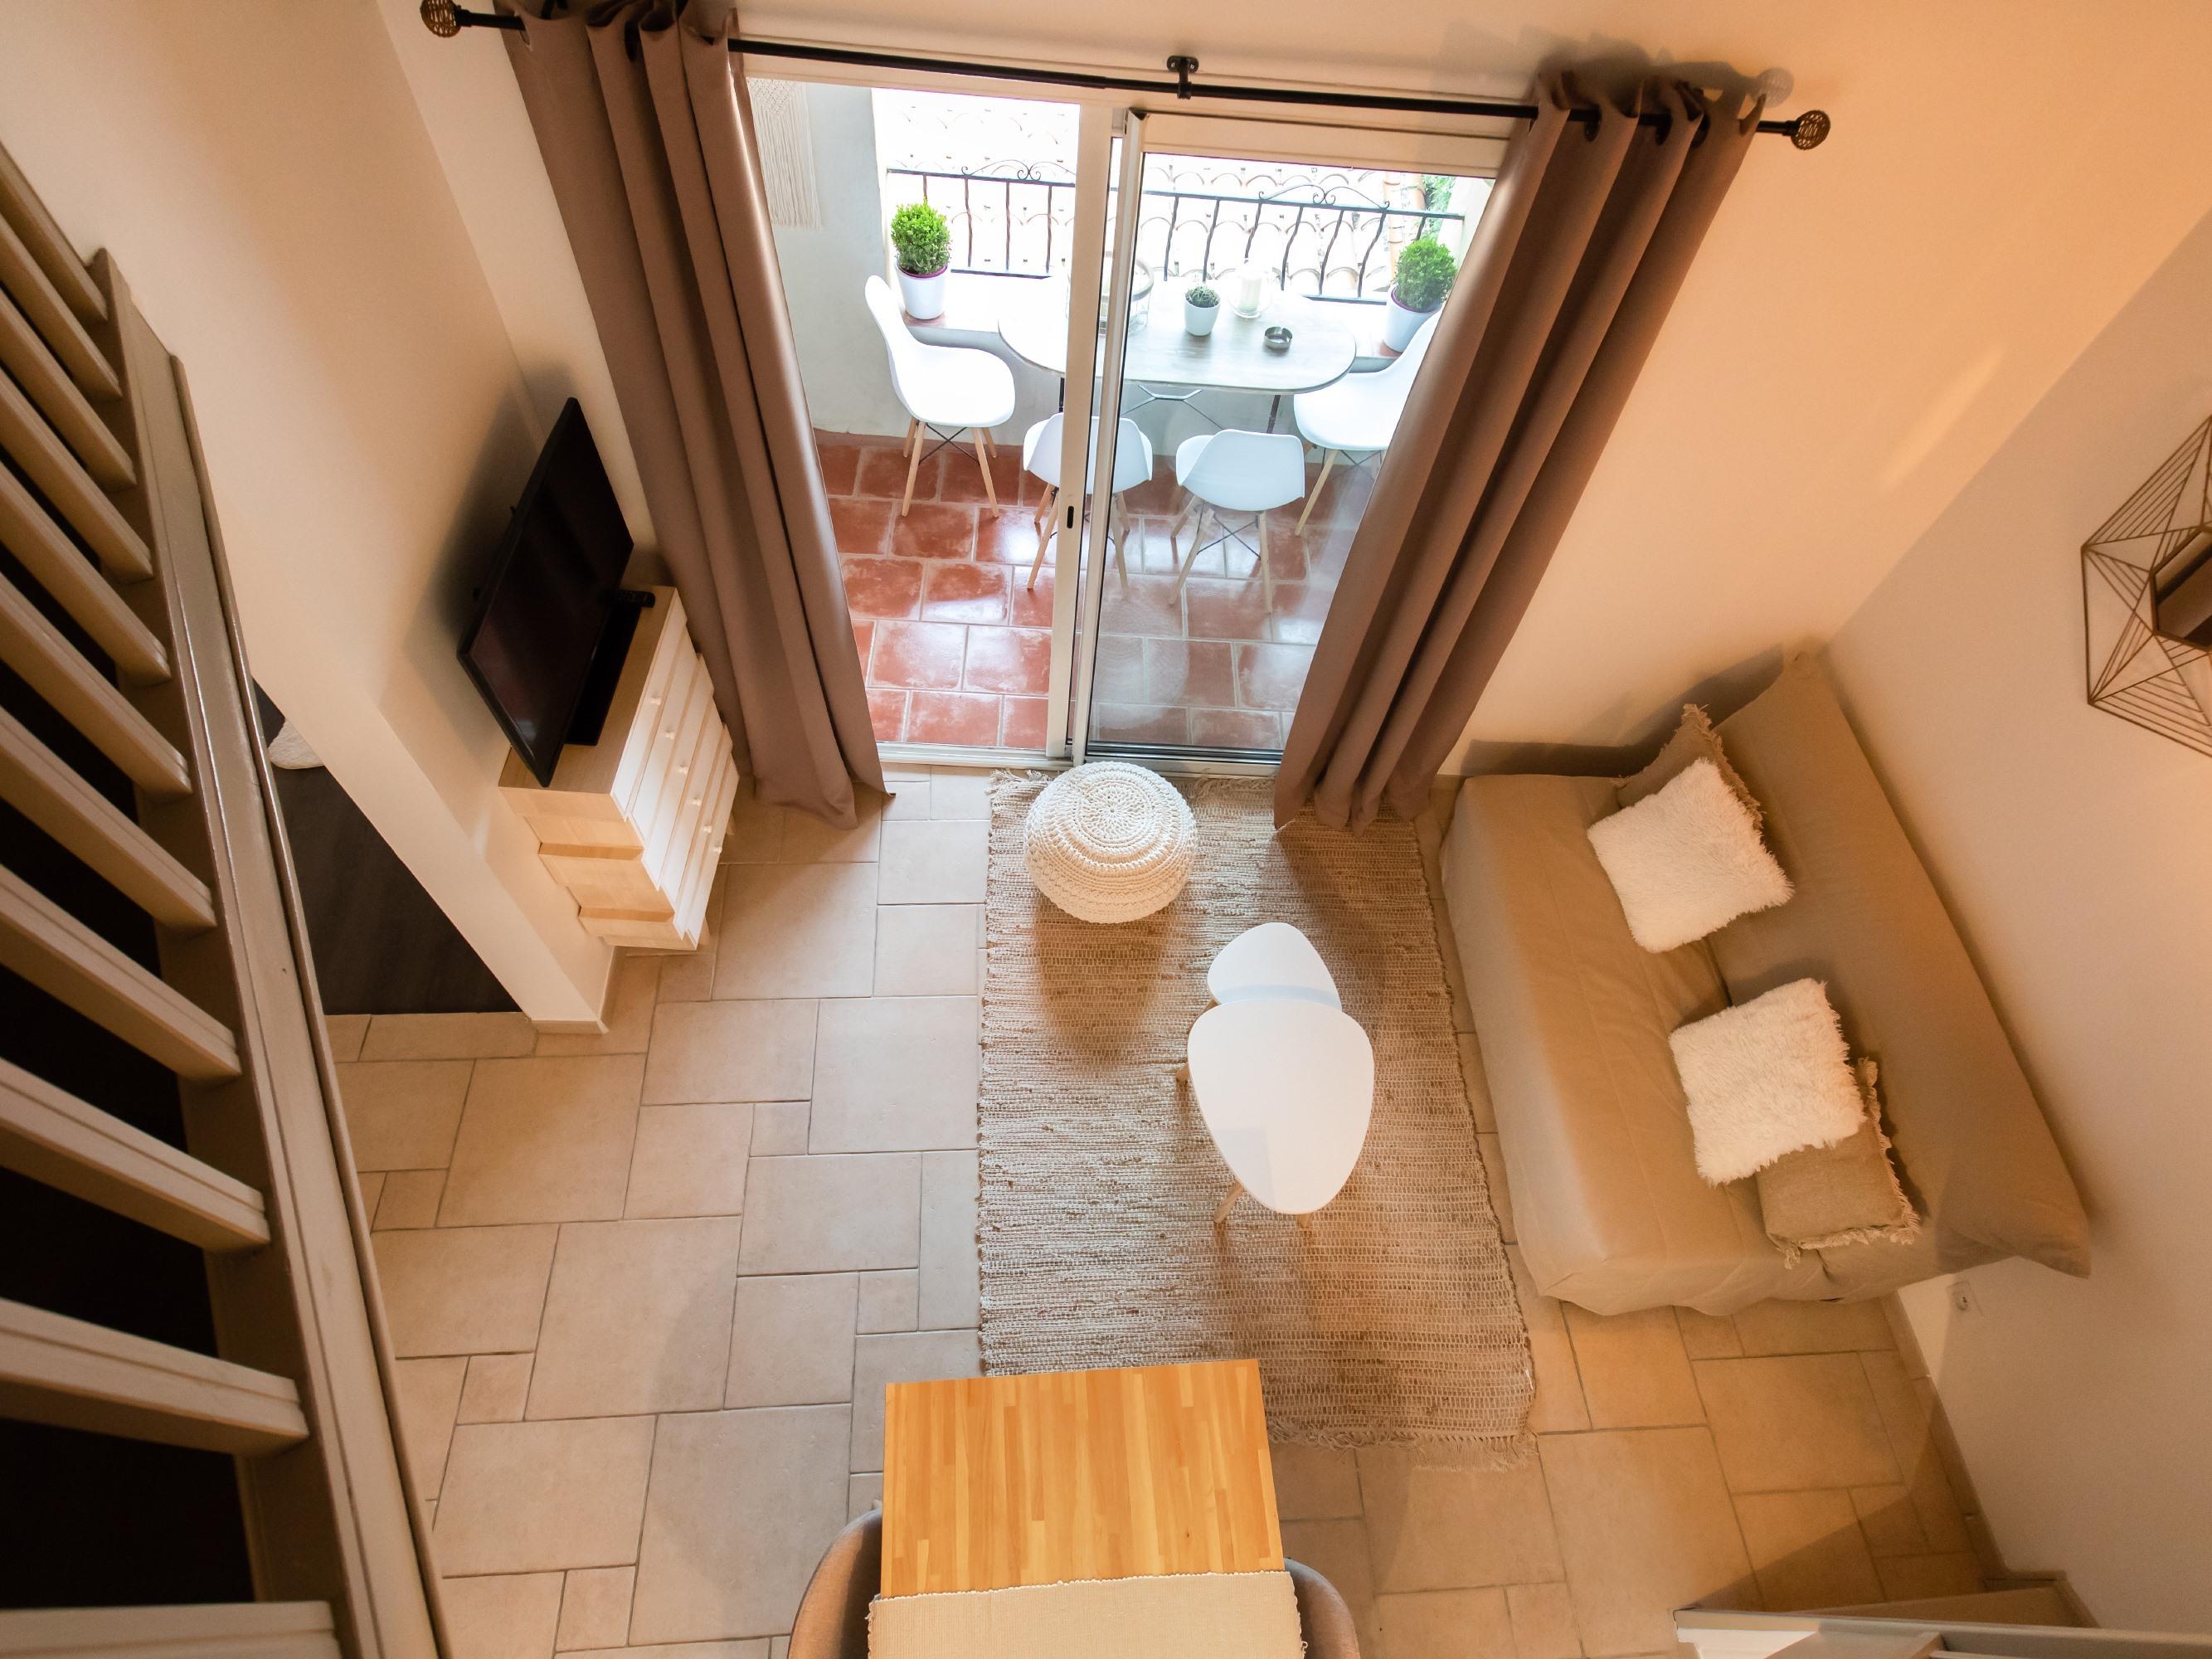 Appartement-Supérieure-Salle de bain Privée-Terrasse-Vue sur la ville 61.5 - Tarif de base